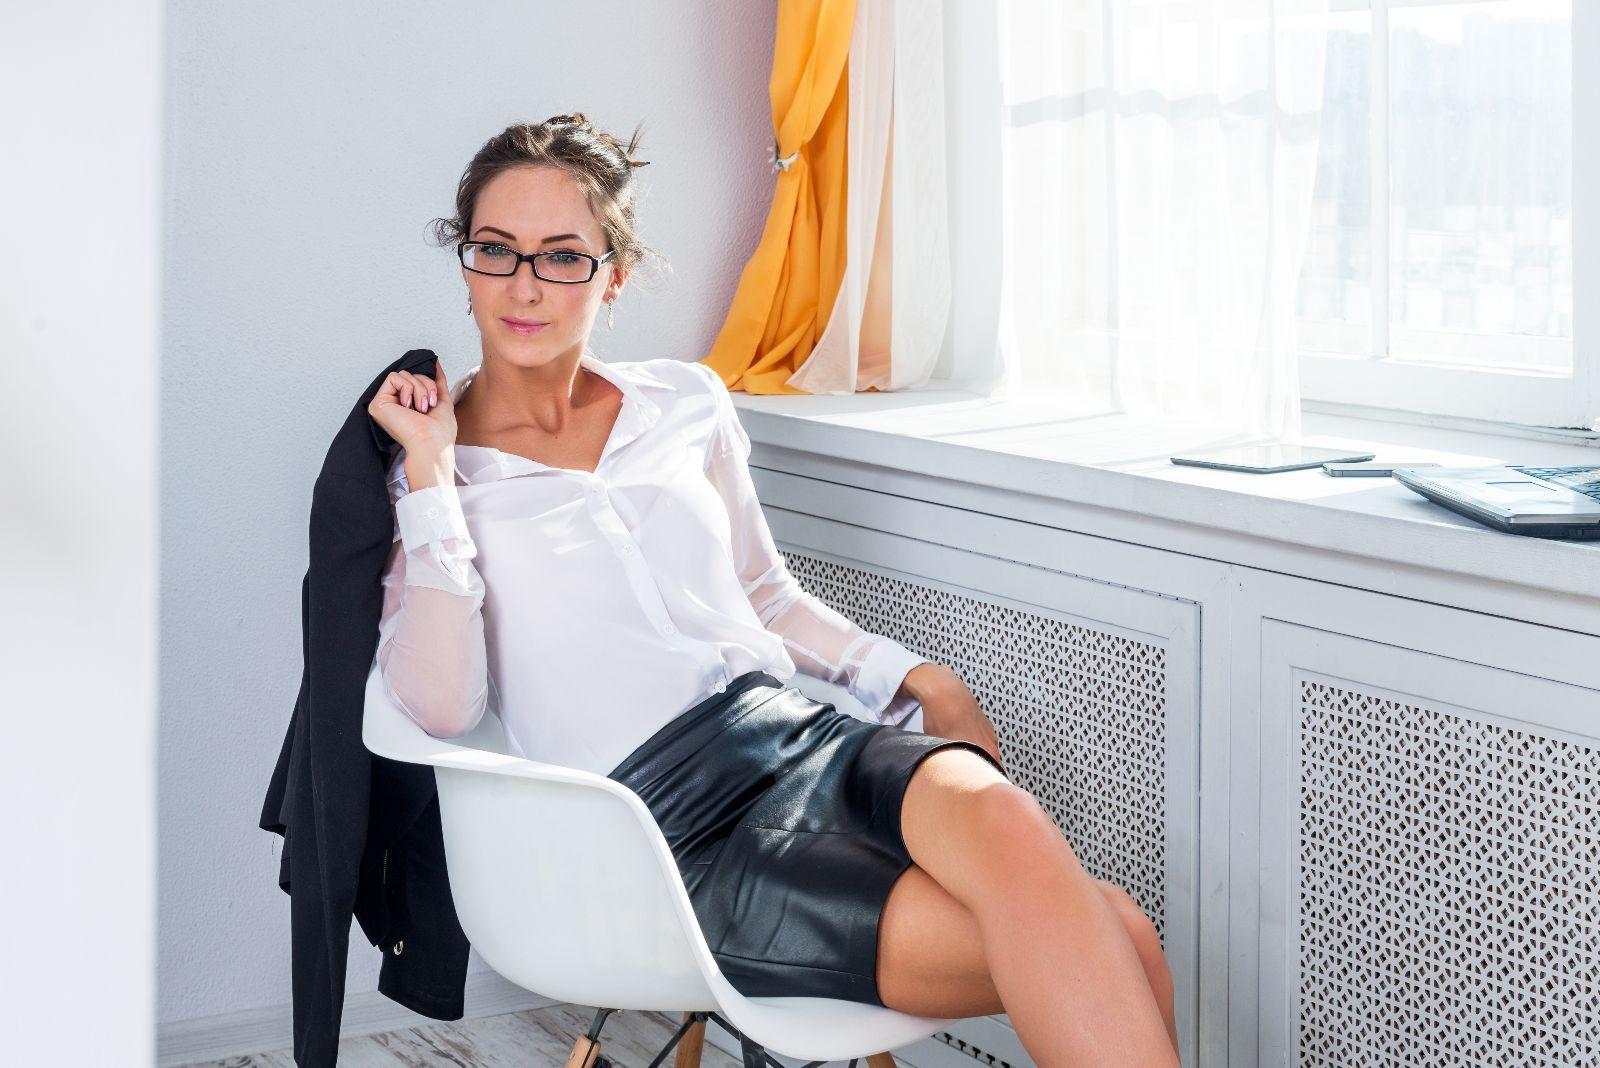 """Lo que debes conocer del habito de cruzar las piernas e """"higiene postural"""" - http://plenilunia.com/belleza-saludable/lo-que-debes-conocer-del-habito-de-cruzar-las-piernas-e-higiene-postural/38741/"""